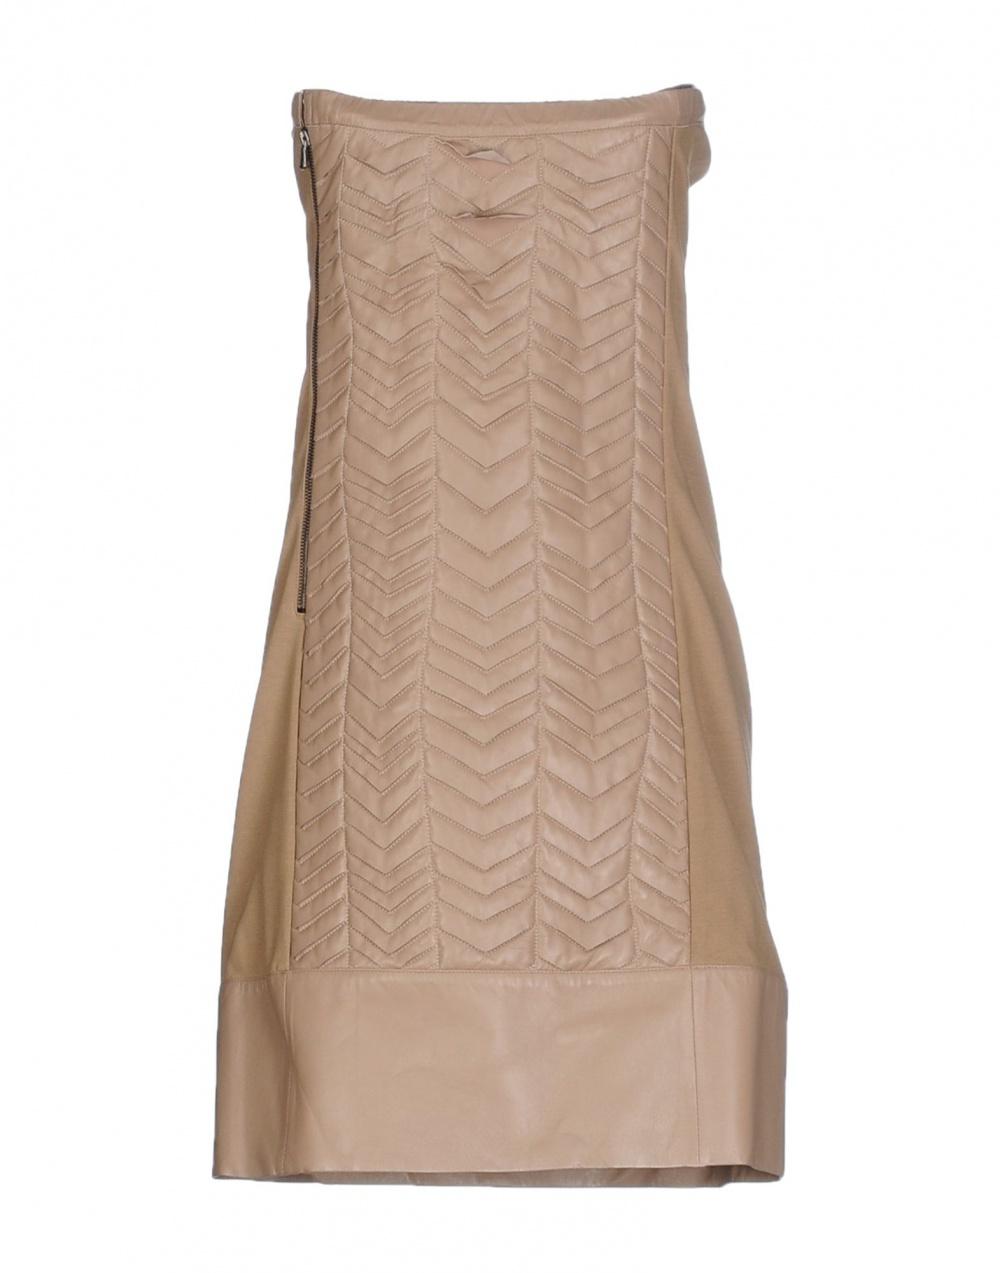 Платье из натуральной кожи, цвет нюд, PATRIZIA PEPE, сделано в Италии.  Размер производителя 44.( На 46 RUS).